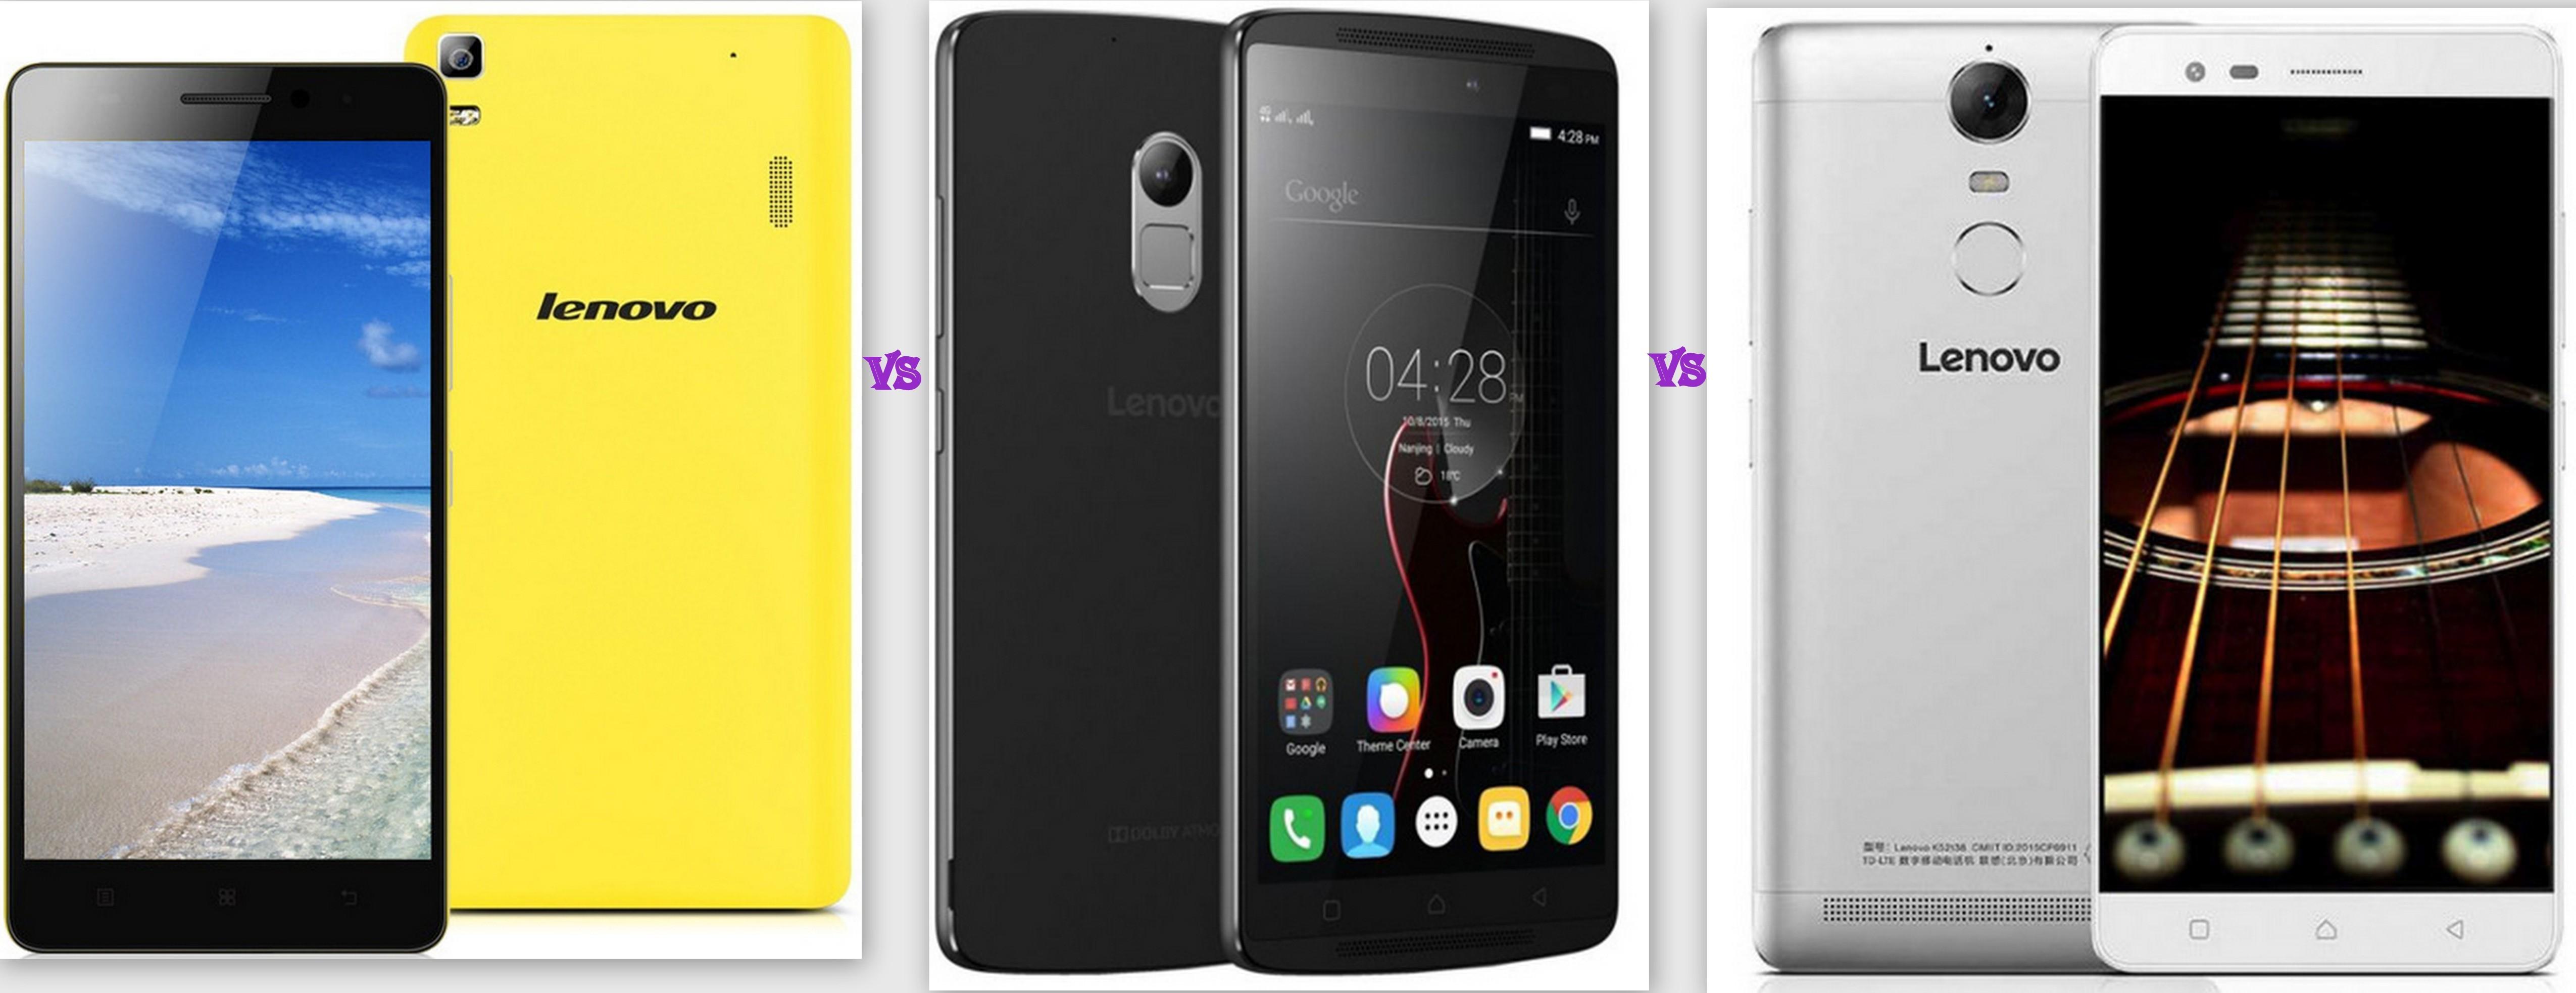 Lenovo K3 Note vs K4 Note vs K5 Note